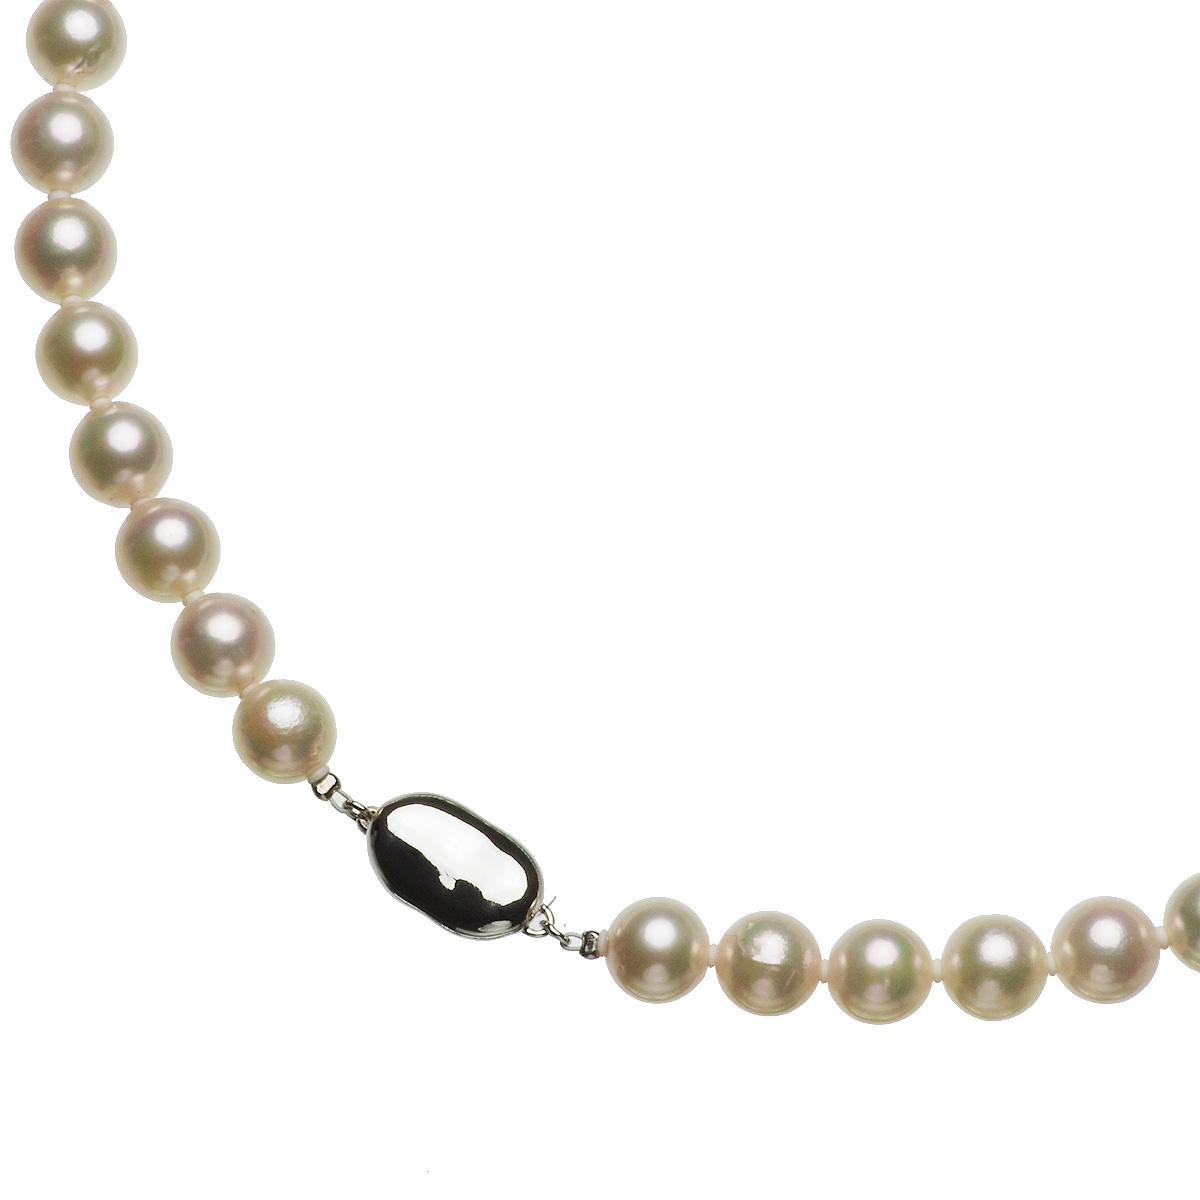 アコヤ 厚巻き 高品質 真珠 パール フォーマル セット 約8.5-9.0mmの写真